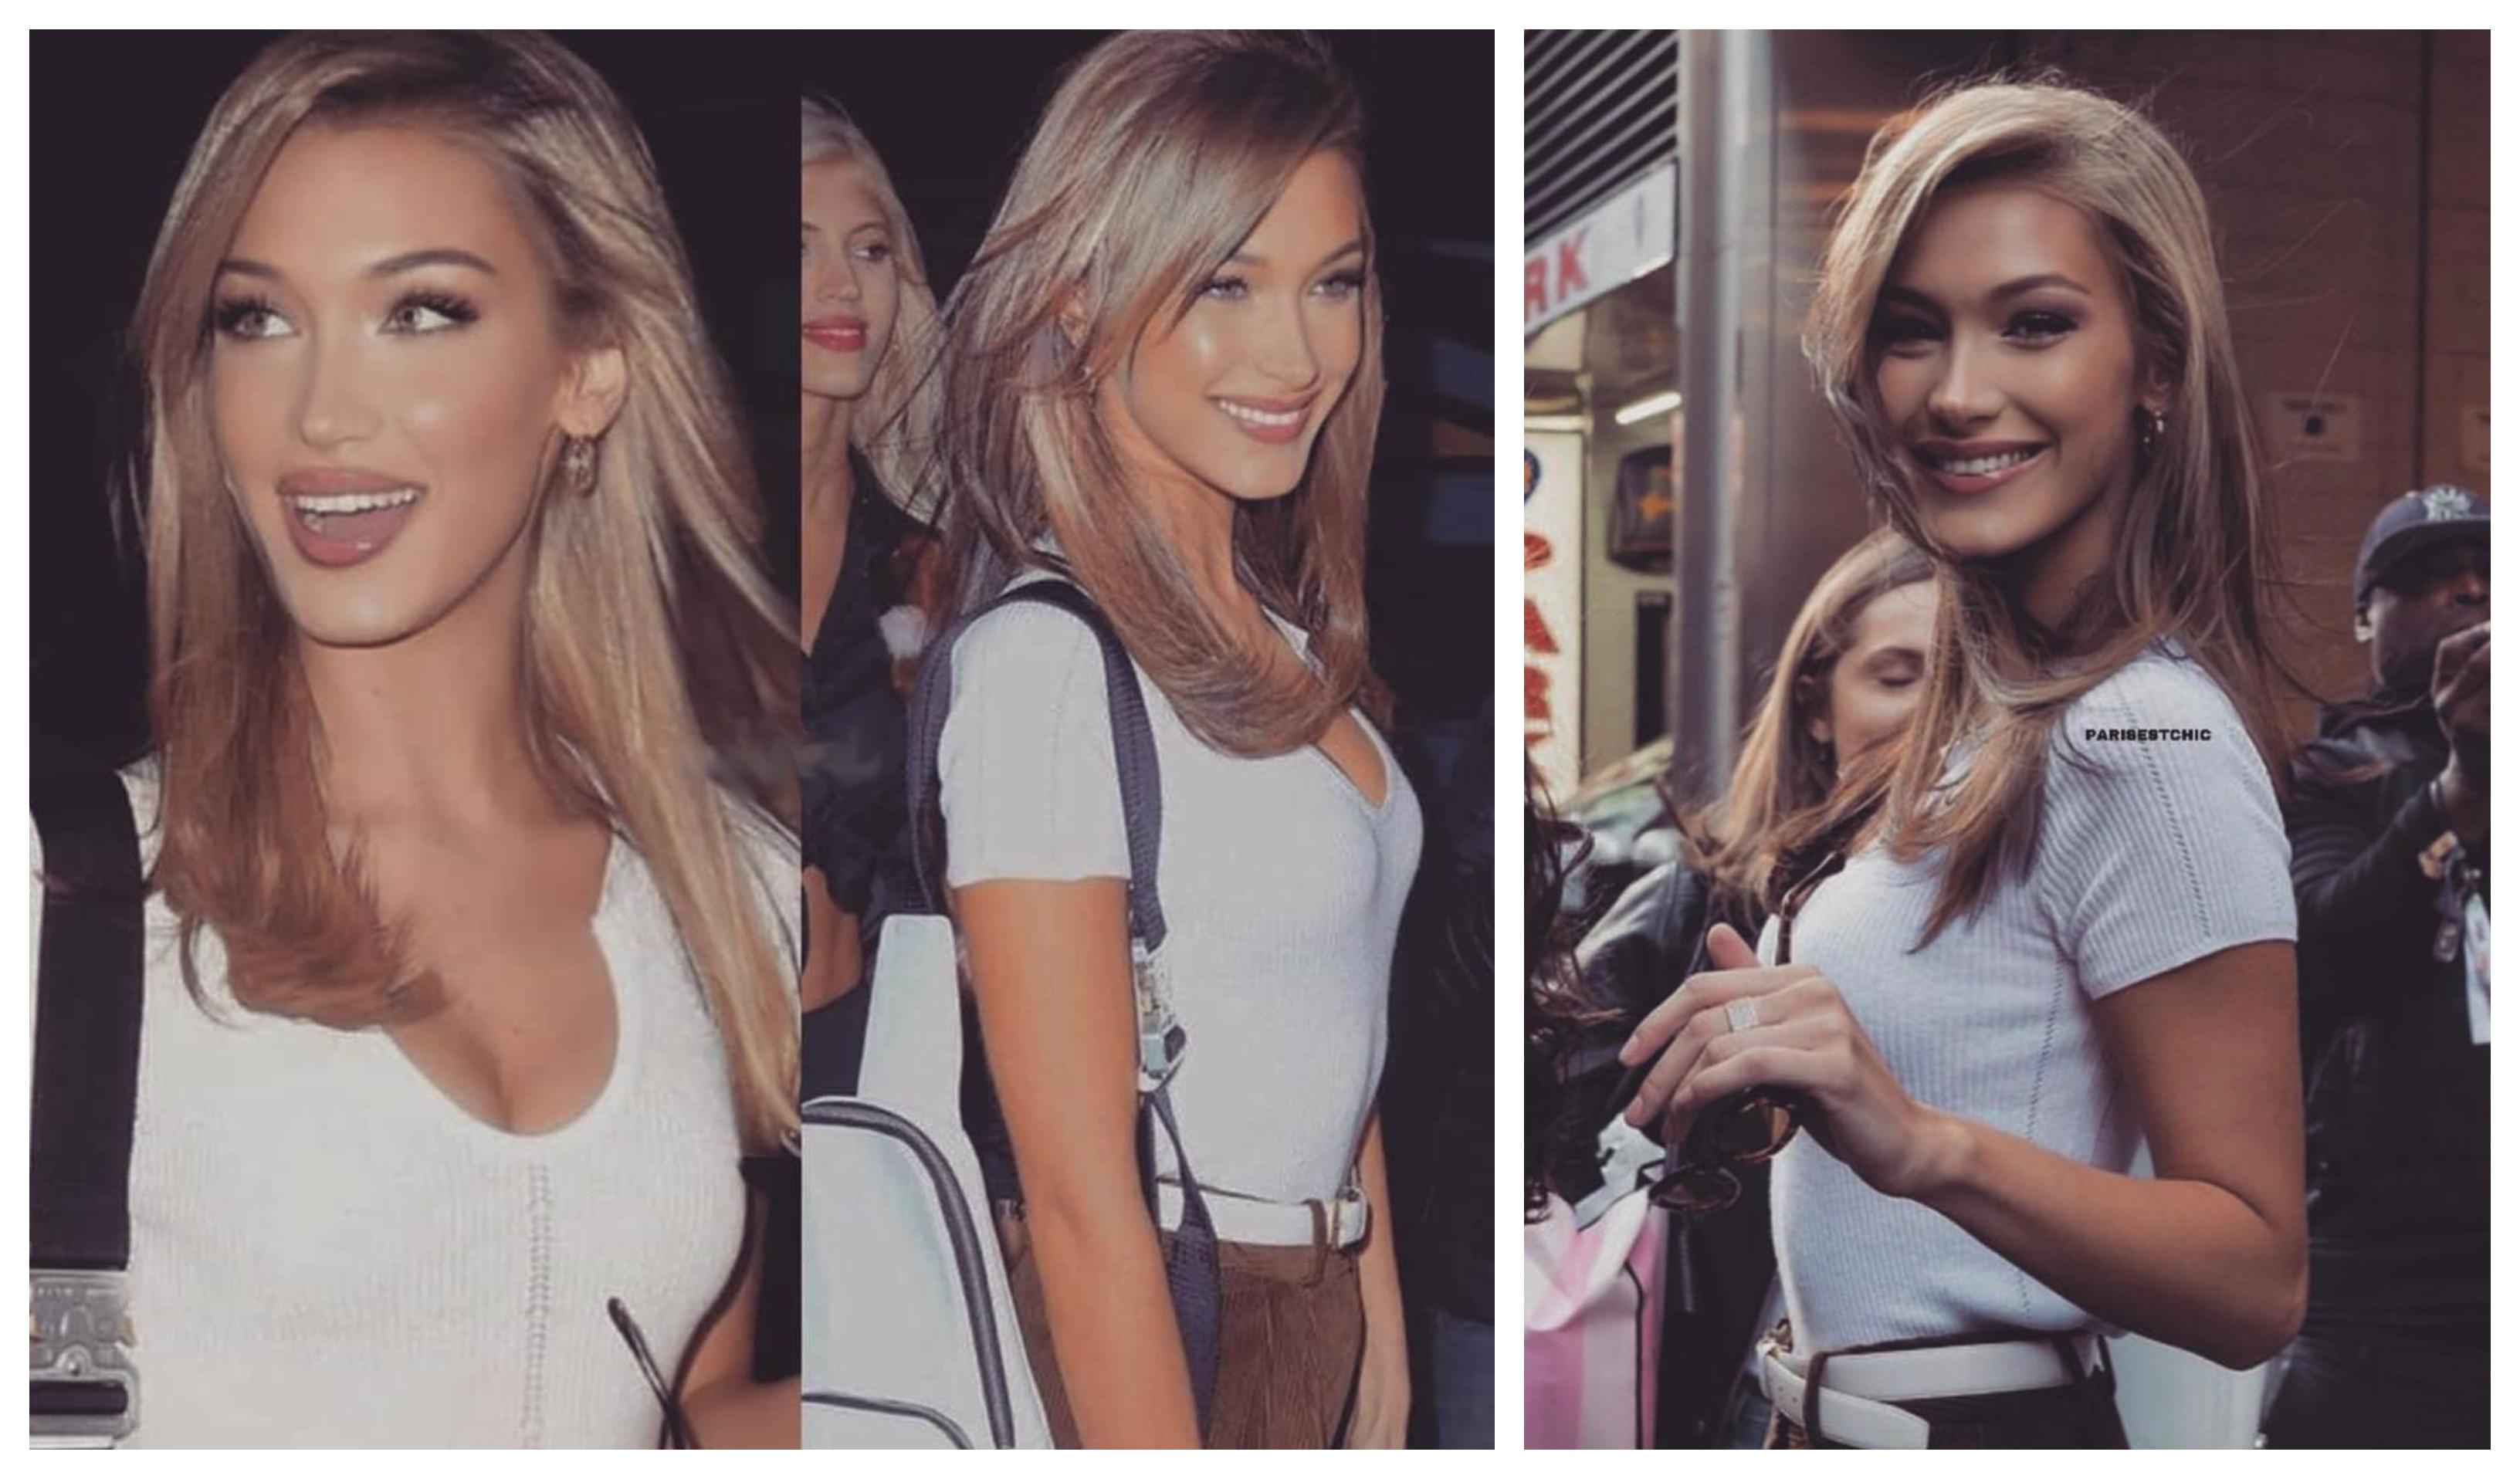 haarfarben trends 2020, ideen zum entlehnen. bella hadid mit blonden haaren, lässiges-outfit